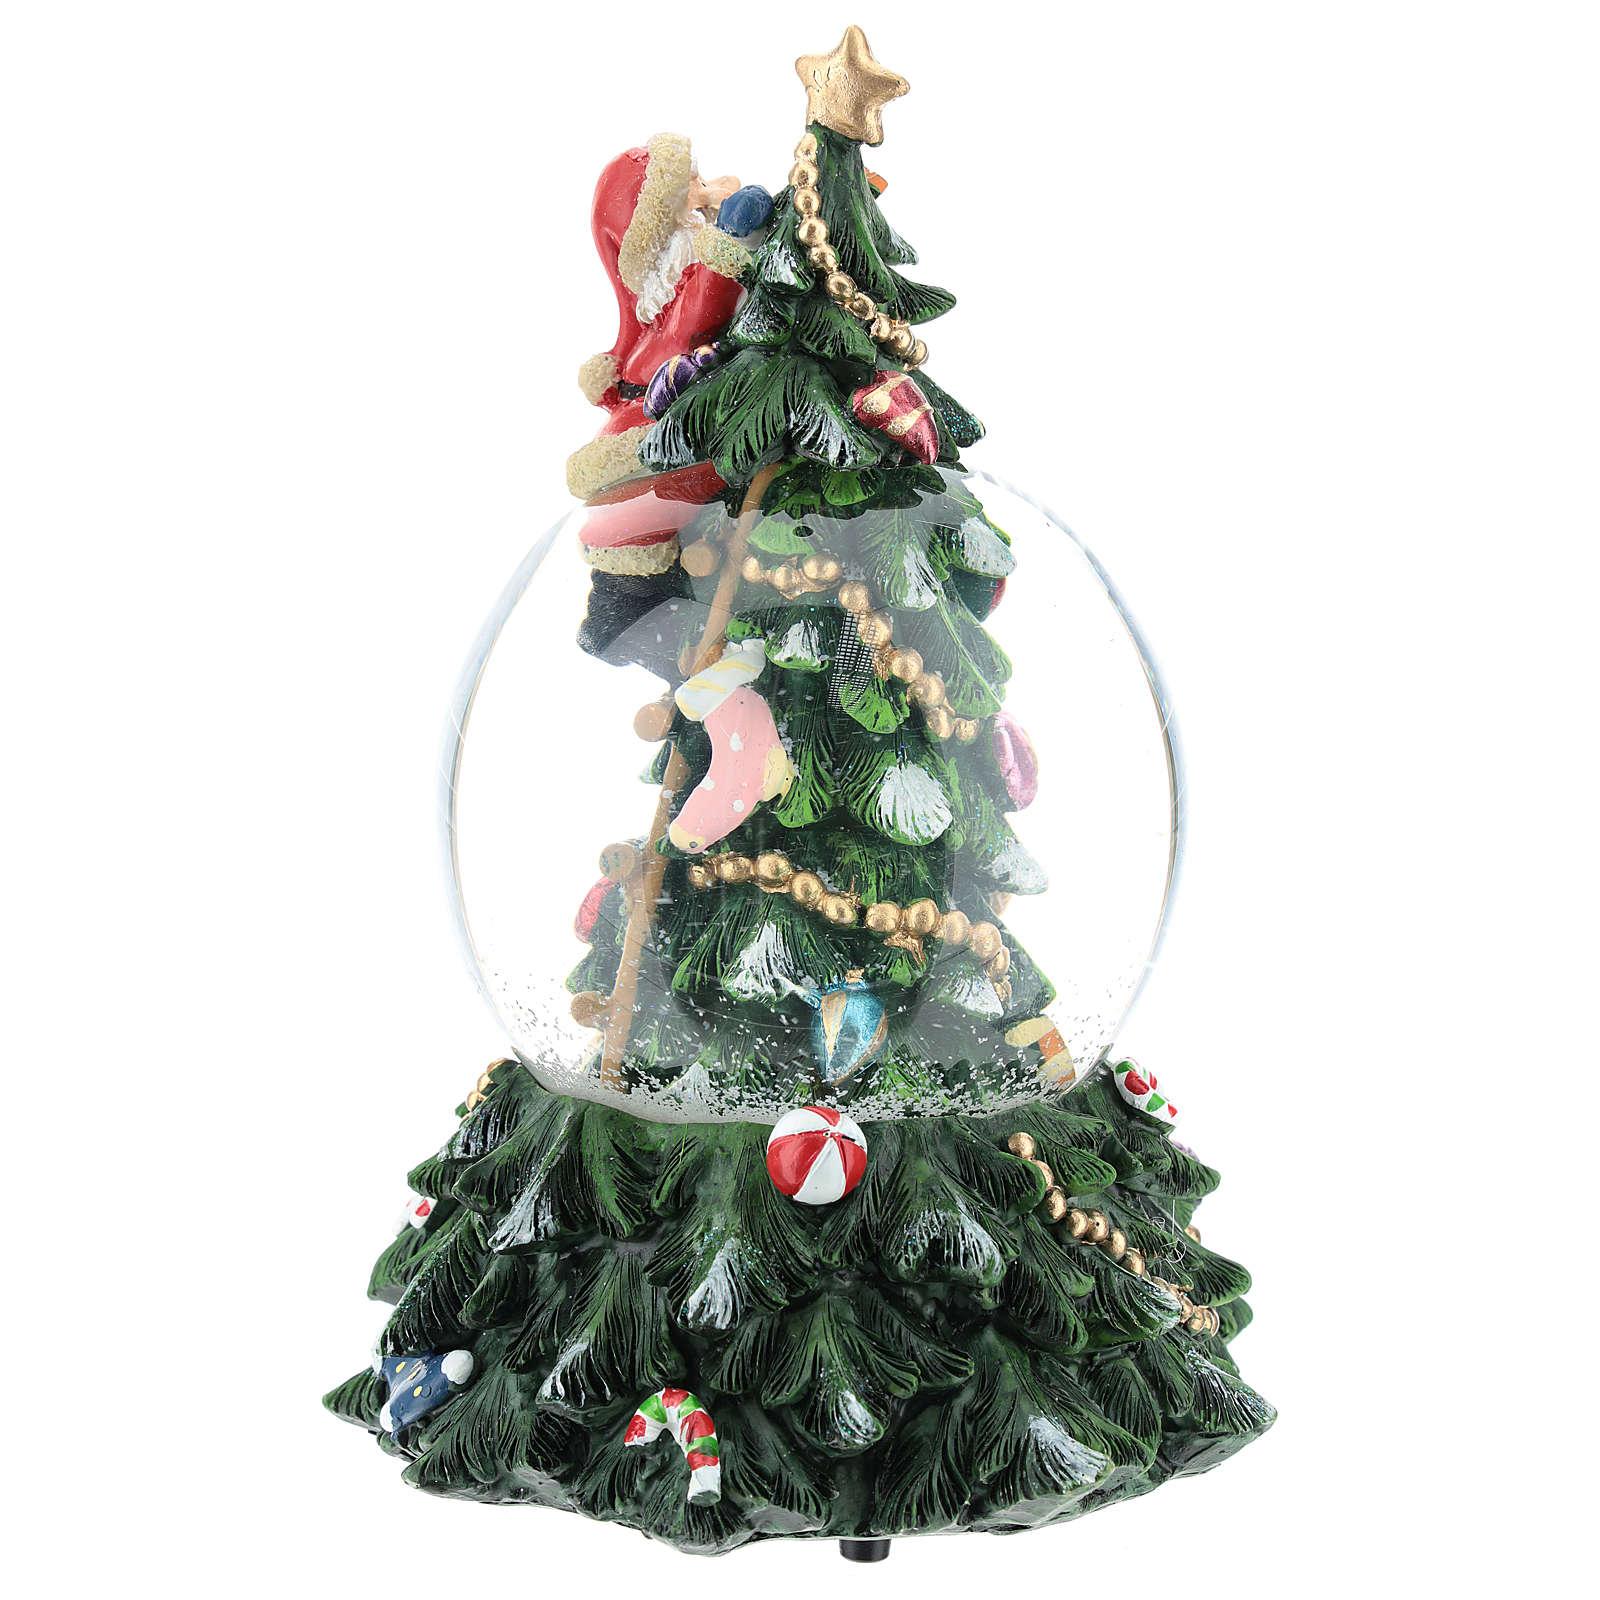 Bola de nieve con Papá Noel y árbol de navidad h 20 cm 3